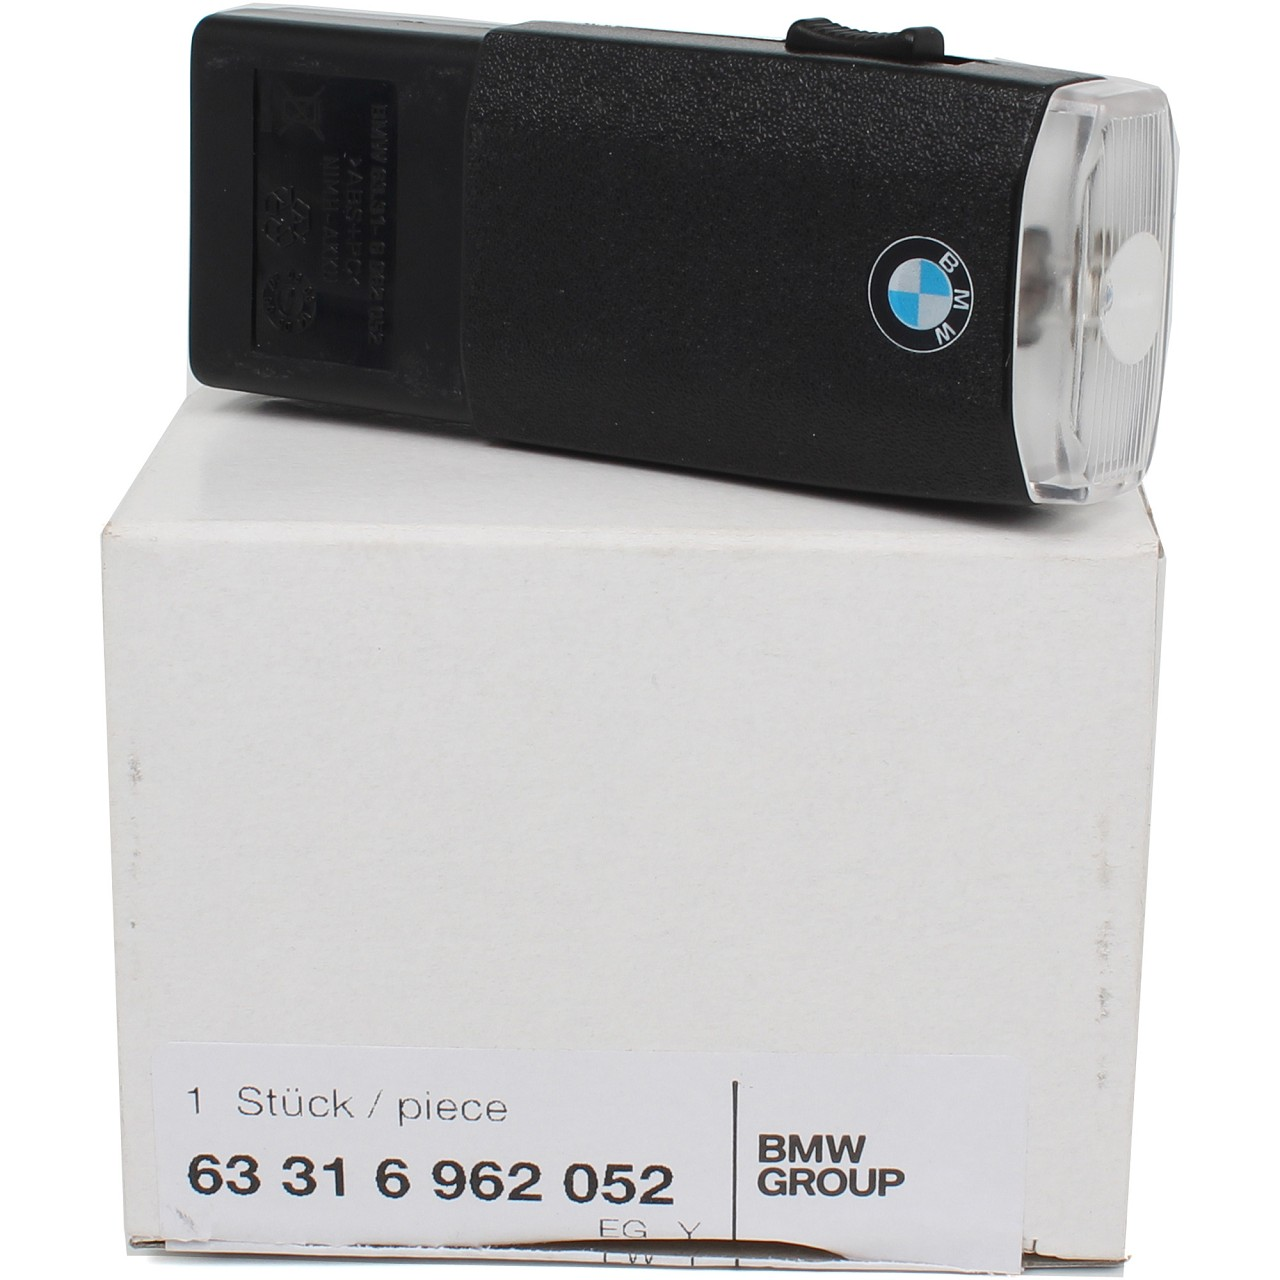 ORIGINAL BMW Taschenlampe Handleuchte Handschuhfach aufladbar 63316962052